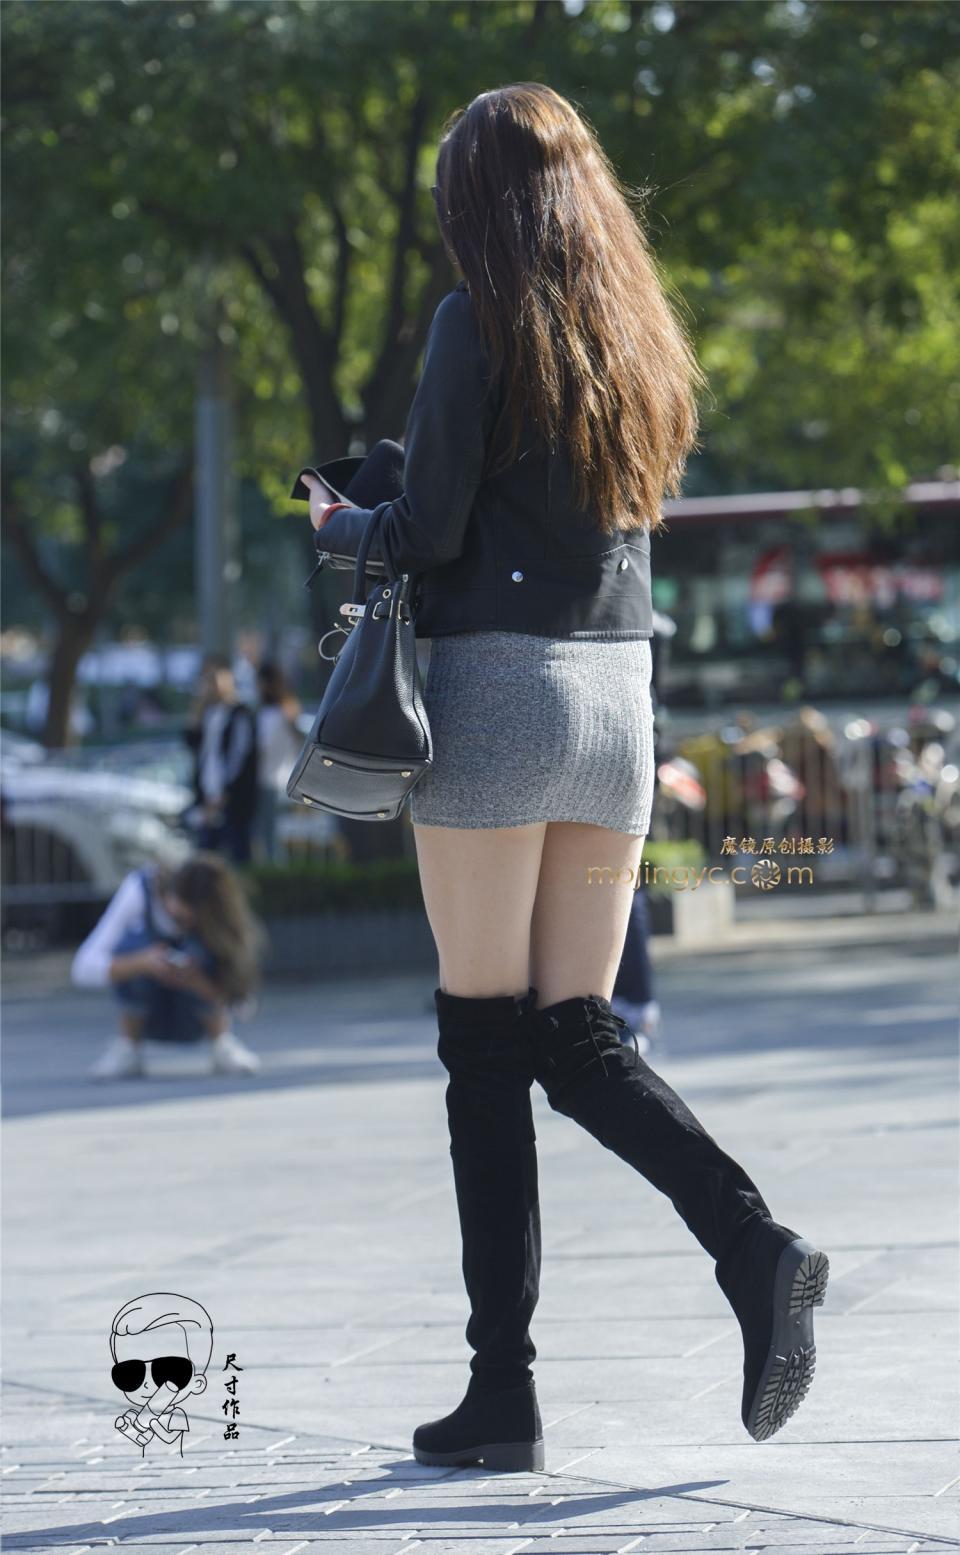 街拍:长筒靴大长腿性感美女,超短裙下的腿真长